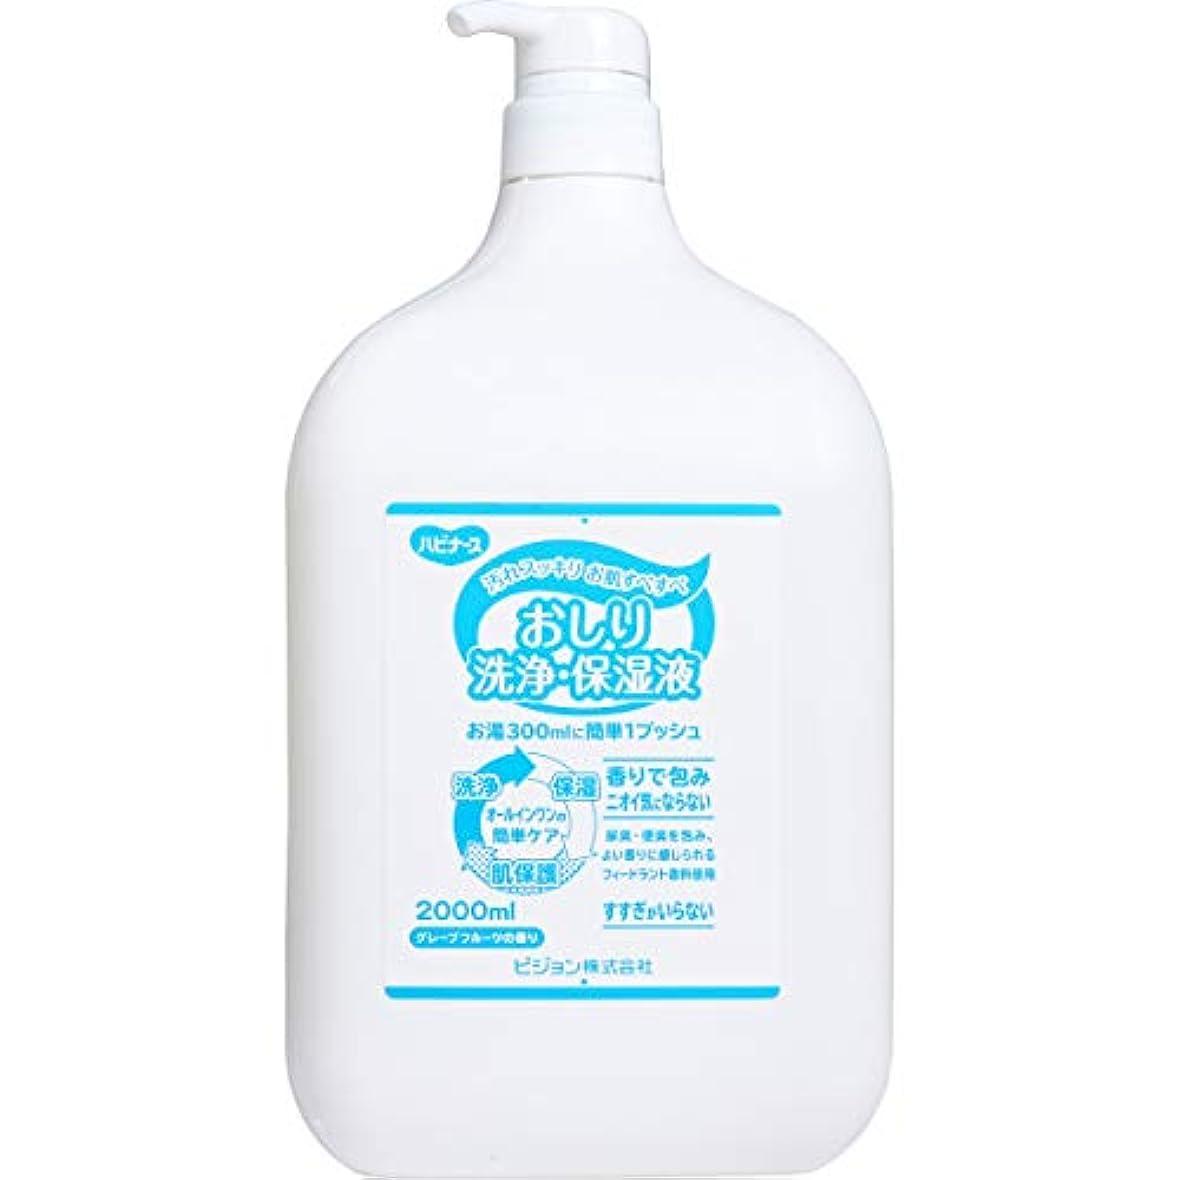 カストディアン進捗生むハビナース おしり洗浄?保湿液 グレープフルーツの香り 2000mL 洗浄?保湿?肌保護 オールインワンの簡単ケア!